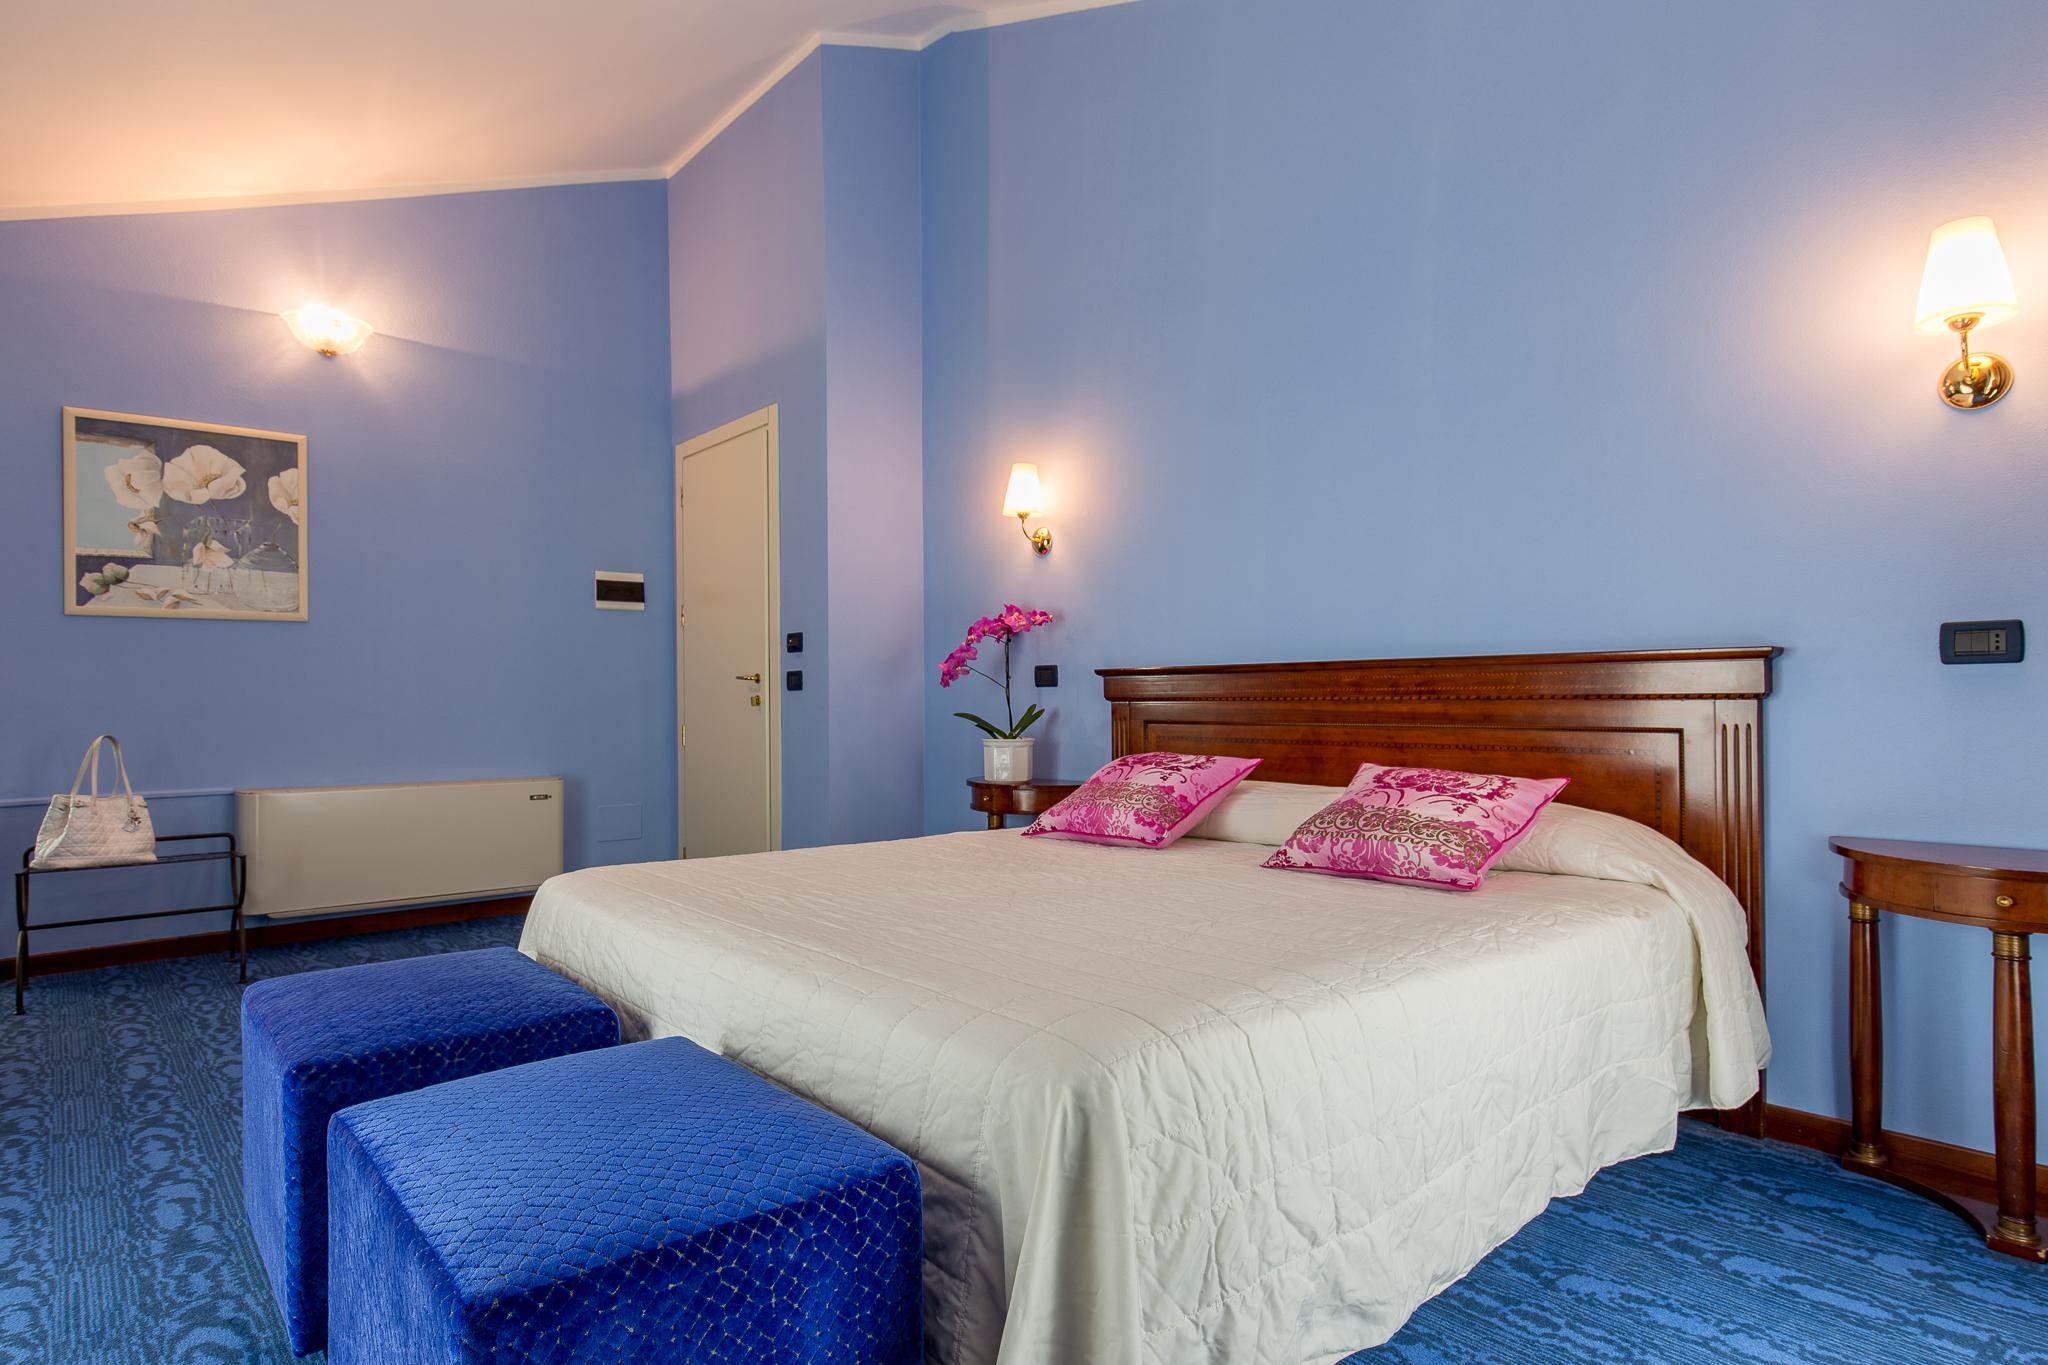 hotel_castello-9189-HDR-67